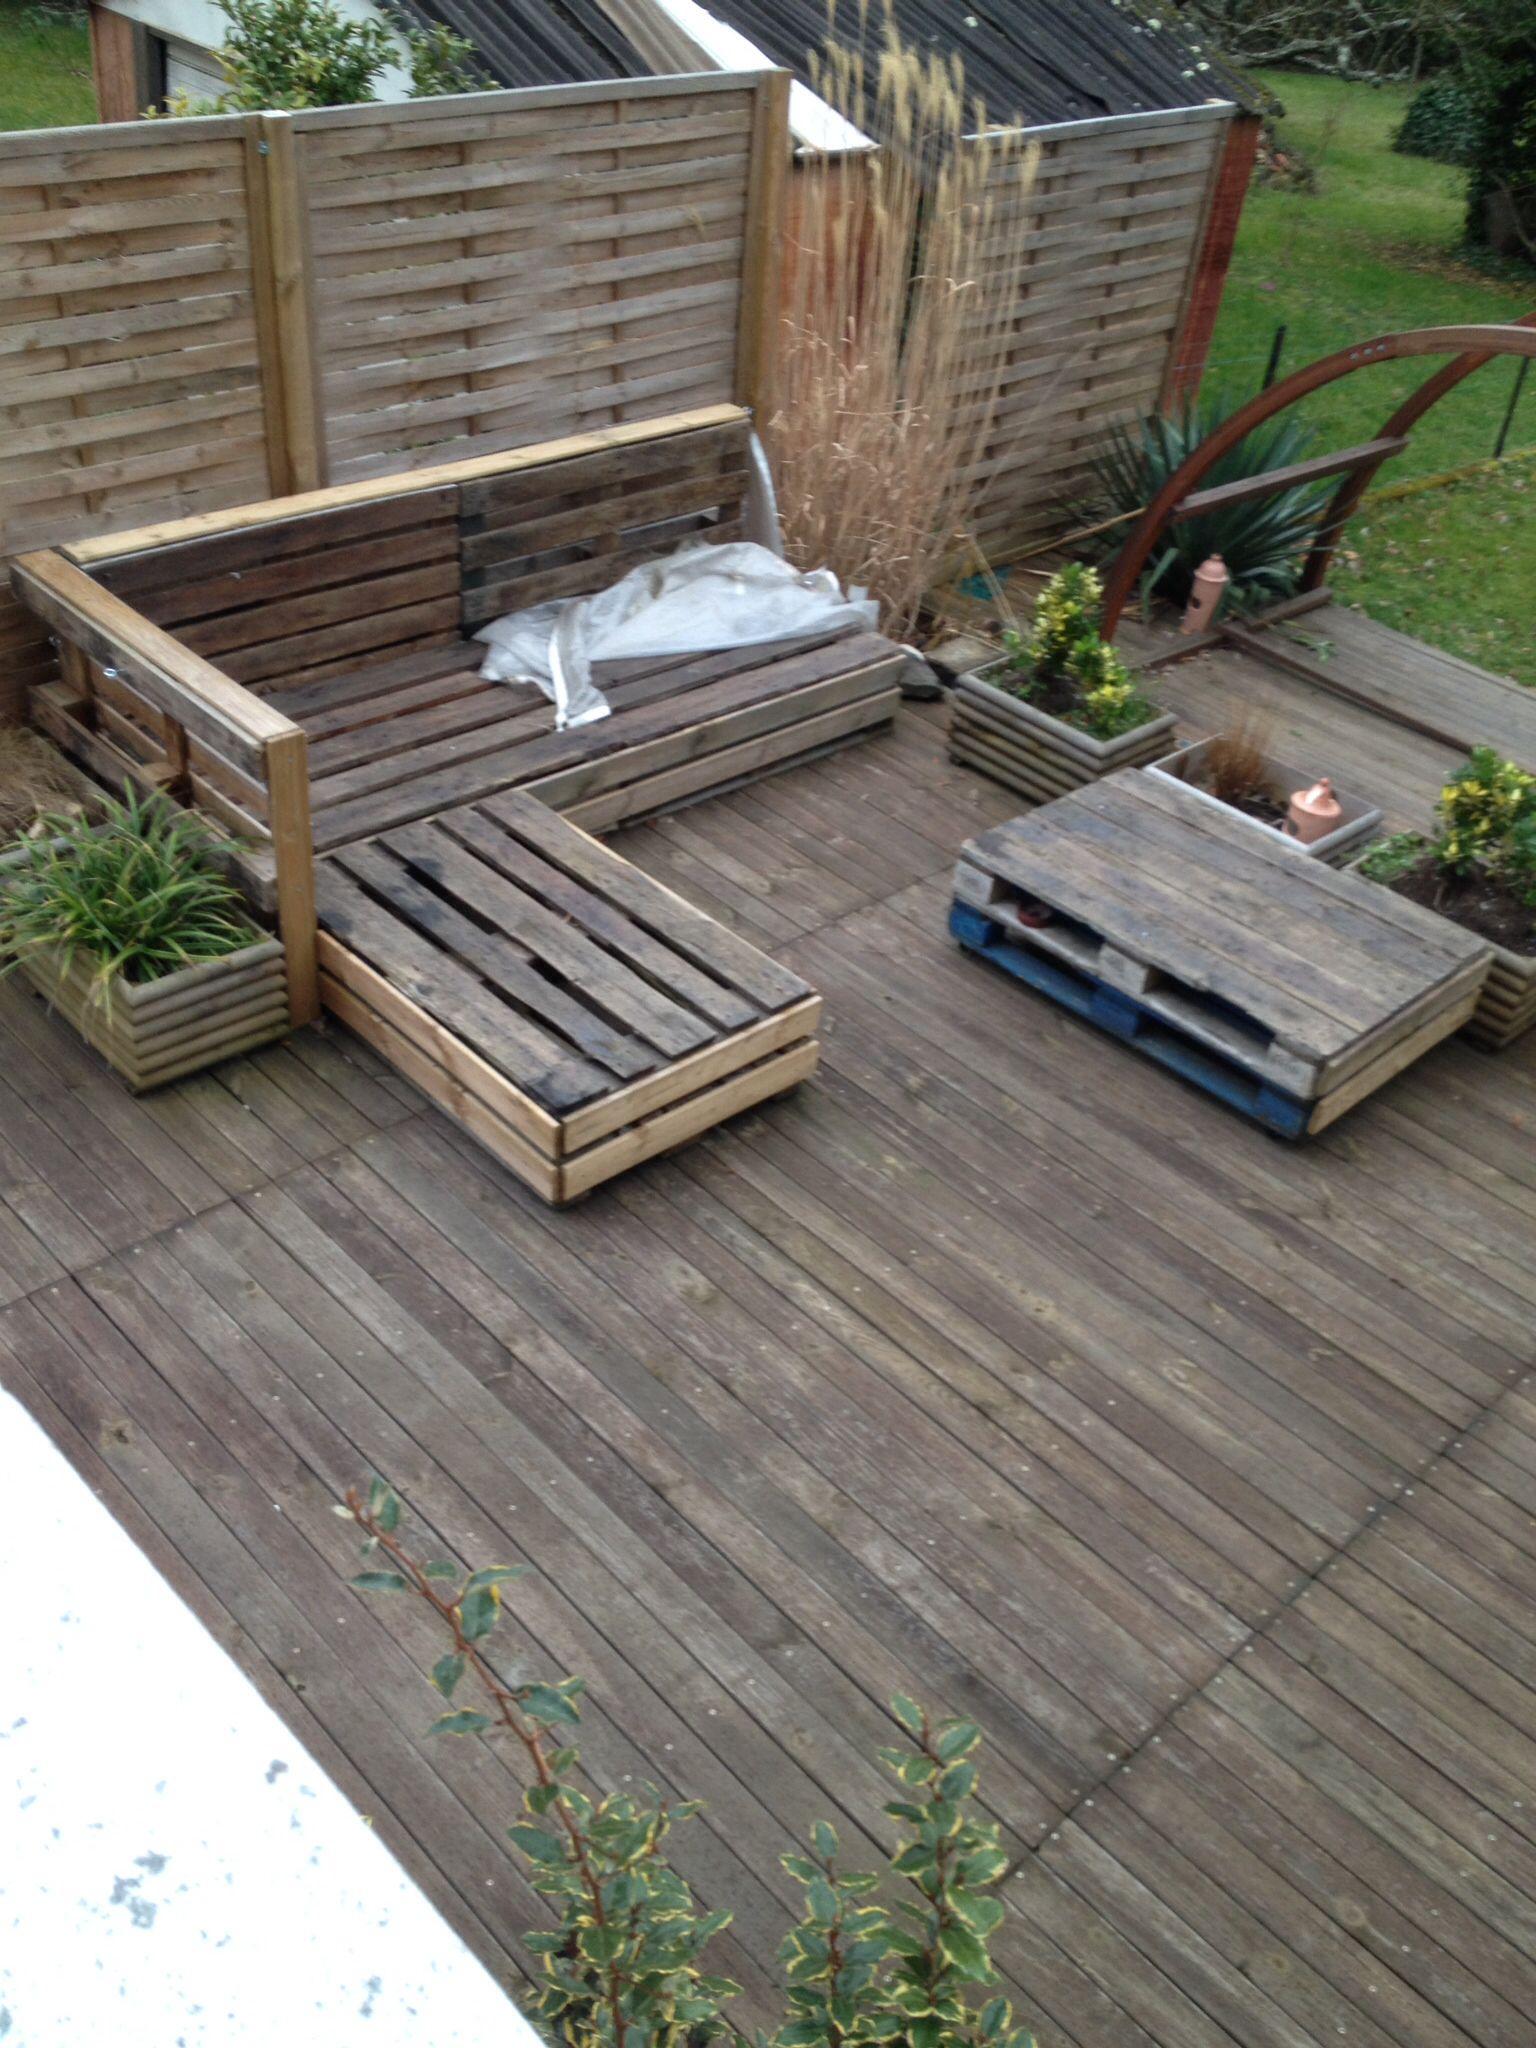 Salon de jardin fait avec des palettes - Salon de jardin avec palette en bois ...